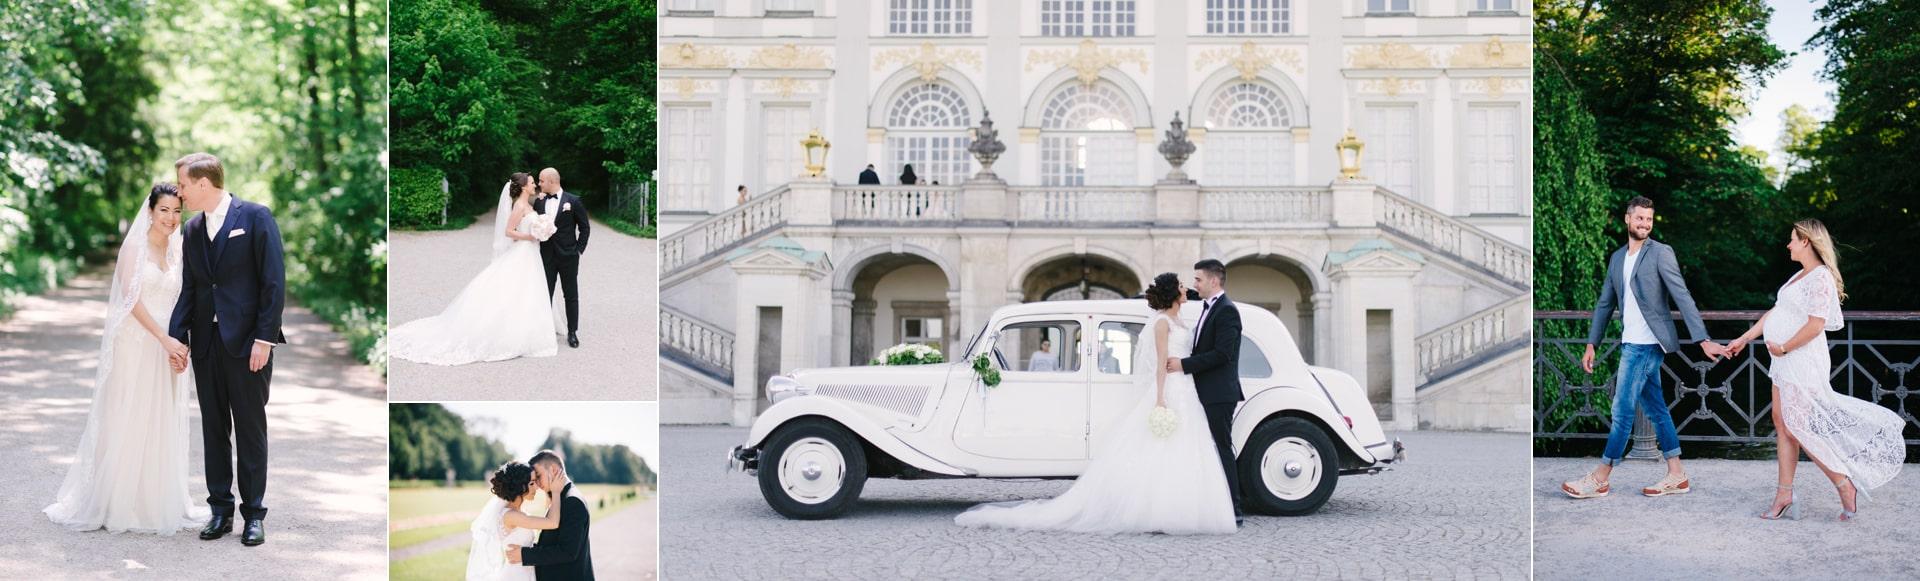 Hochzeitspaare am Schloss Nymphenburg. Diese Location ist die beliebteste bei Brautpaaren. Deshalb gehört sie zu den Münchens beste Fotolocations für Hochzeitspaare.